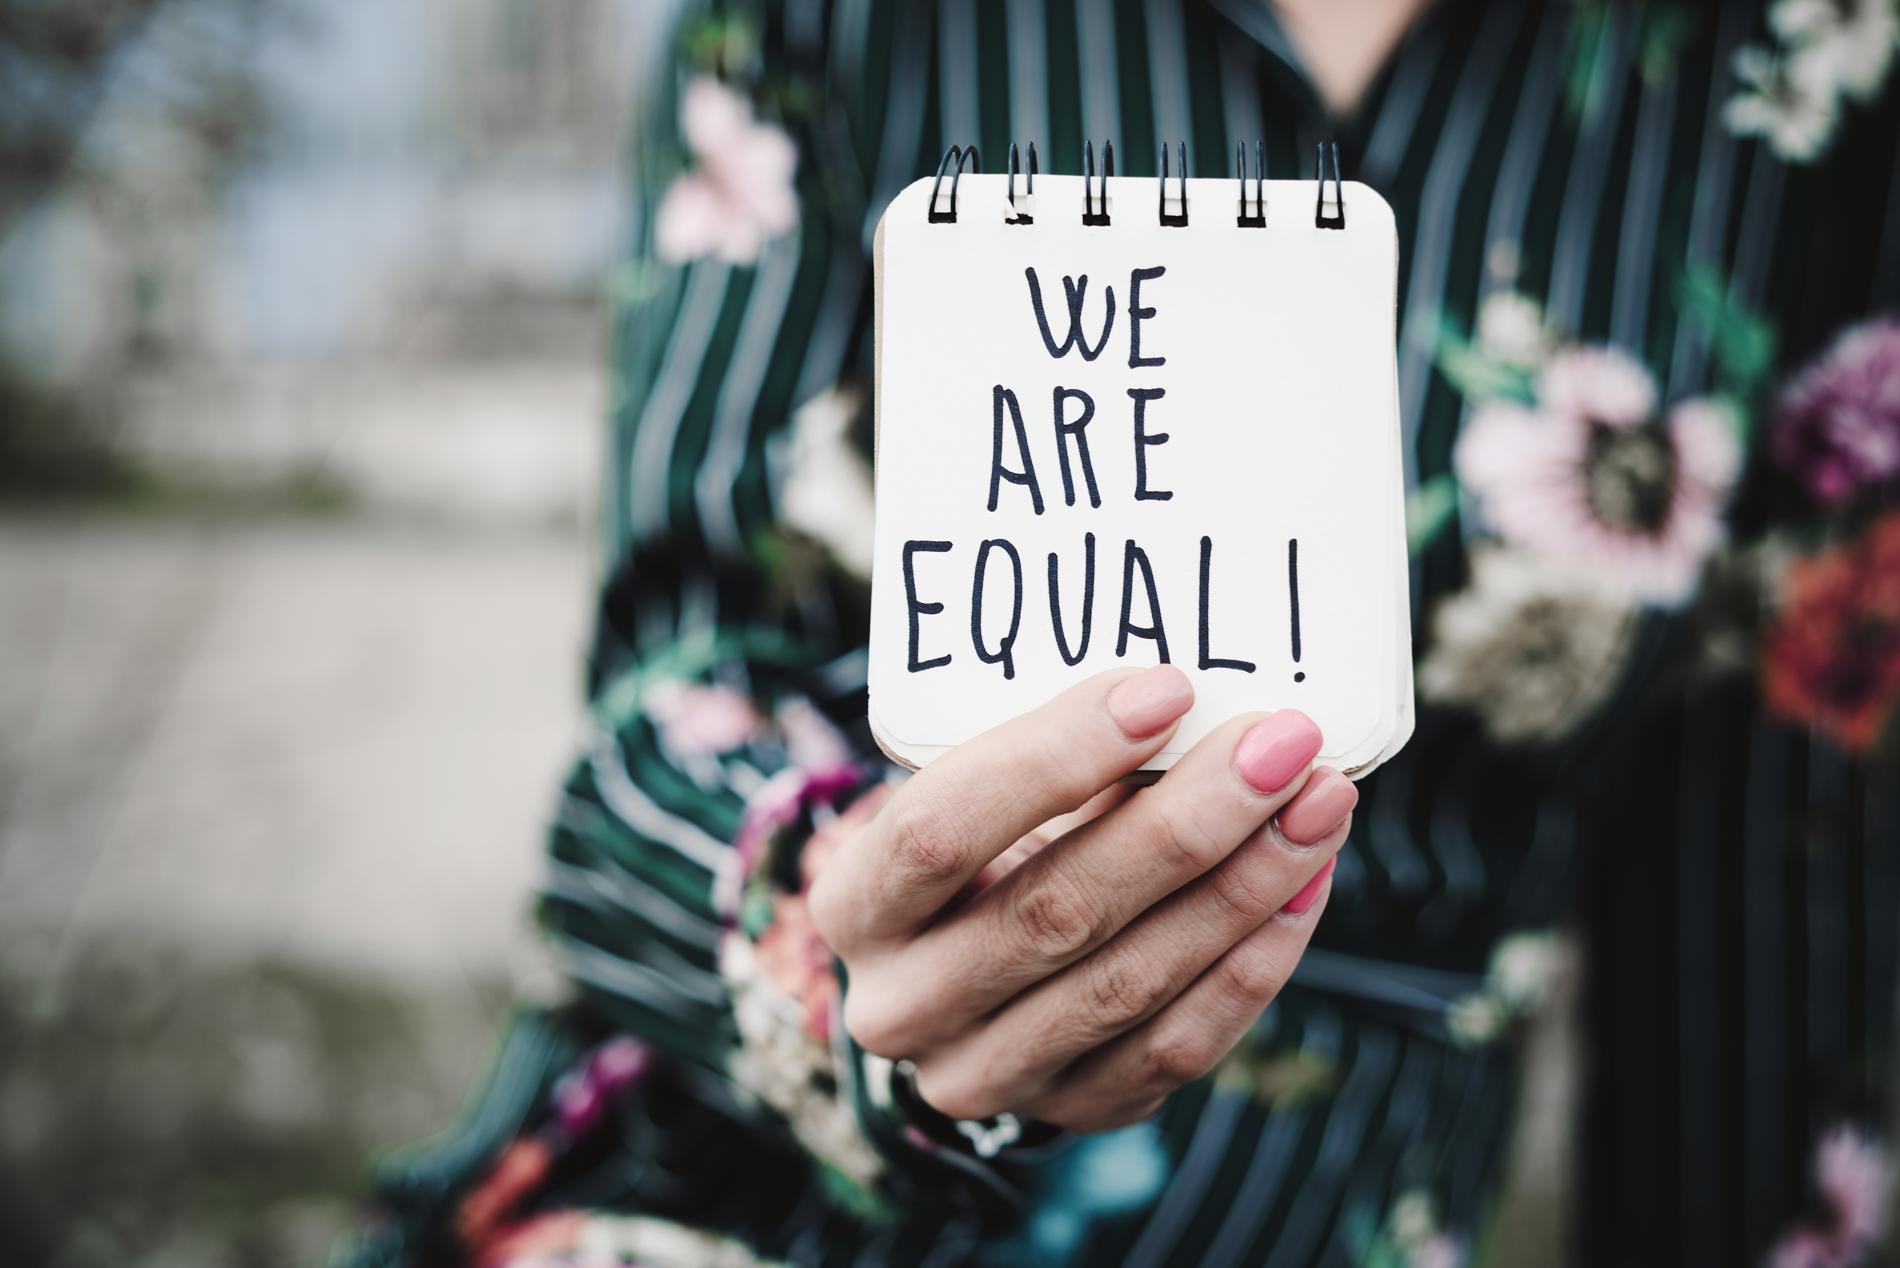 """Naisoletetun käsi pitelee vihkoa, johon on tussilla kirjoitettu: """"We are equal!"""""""